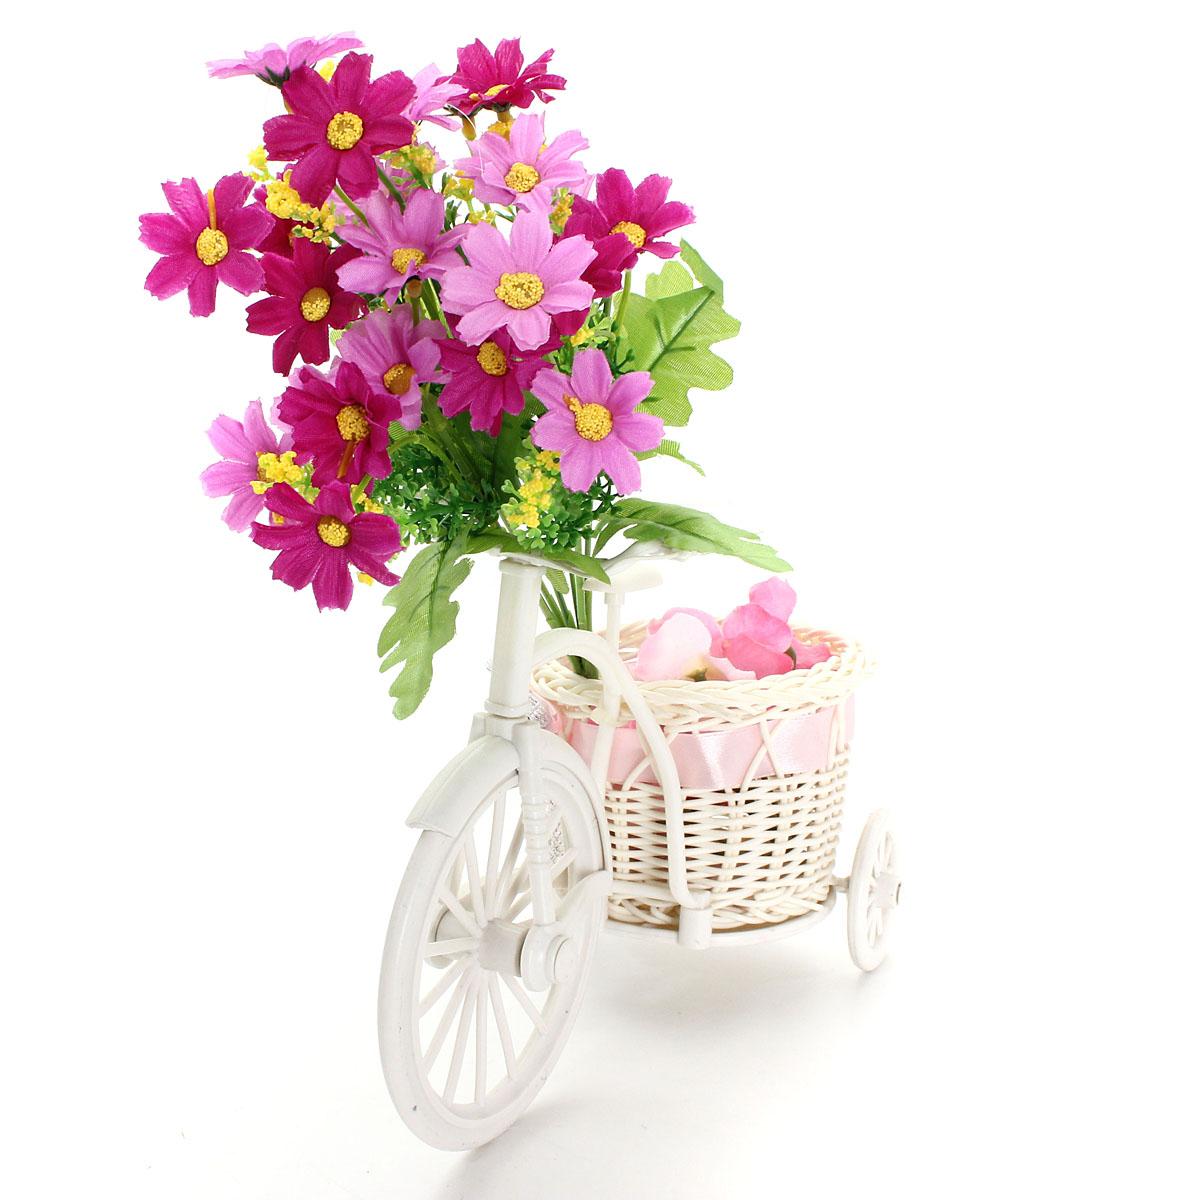 deko kunstpflanze efeugirlande kranz efeu k nstliche efeuranke blumen floristik ebay. Black Bedroom Furniture Sets. Home Design Ideas